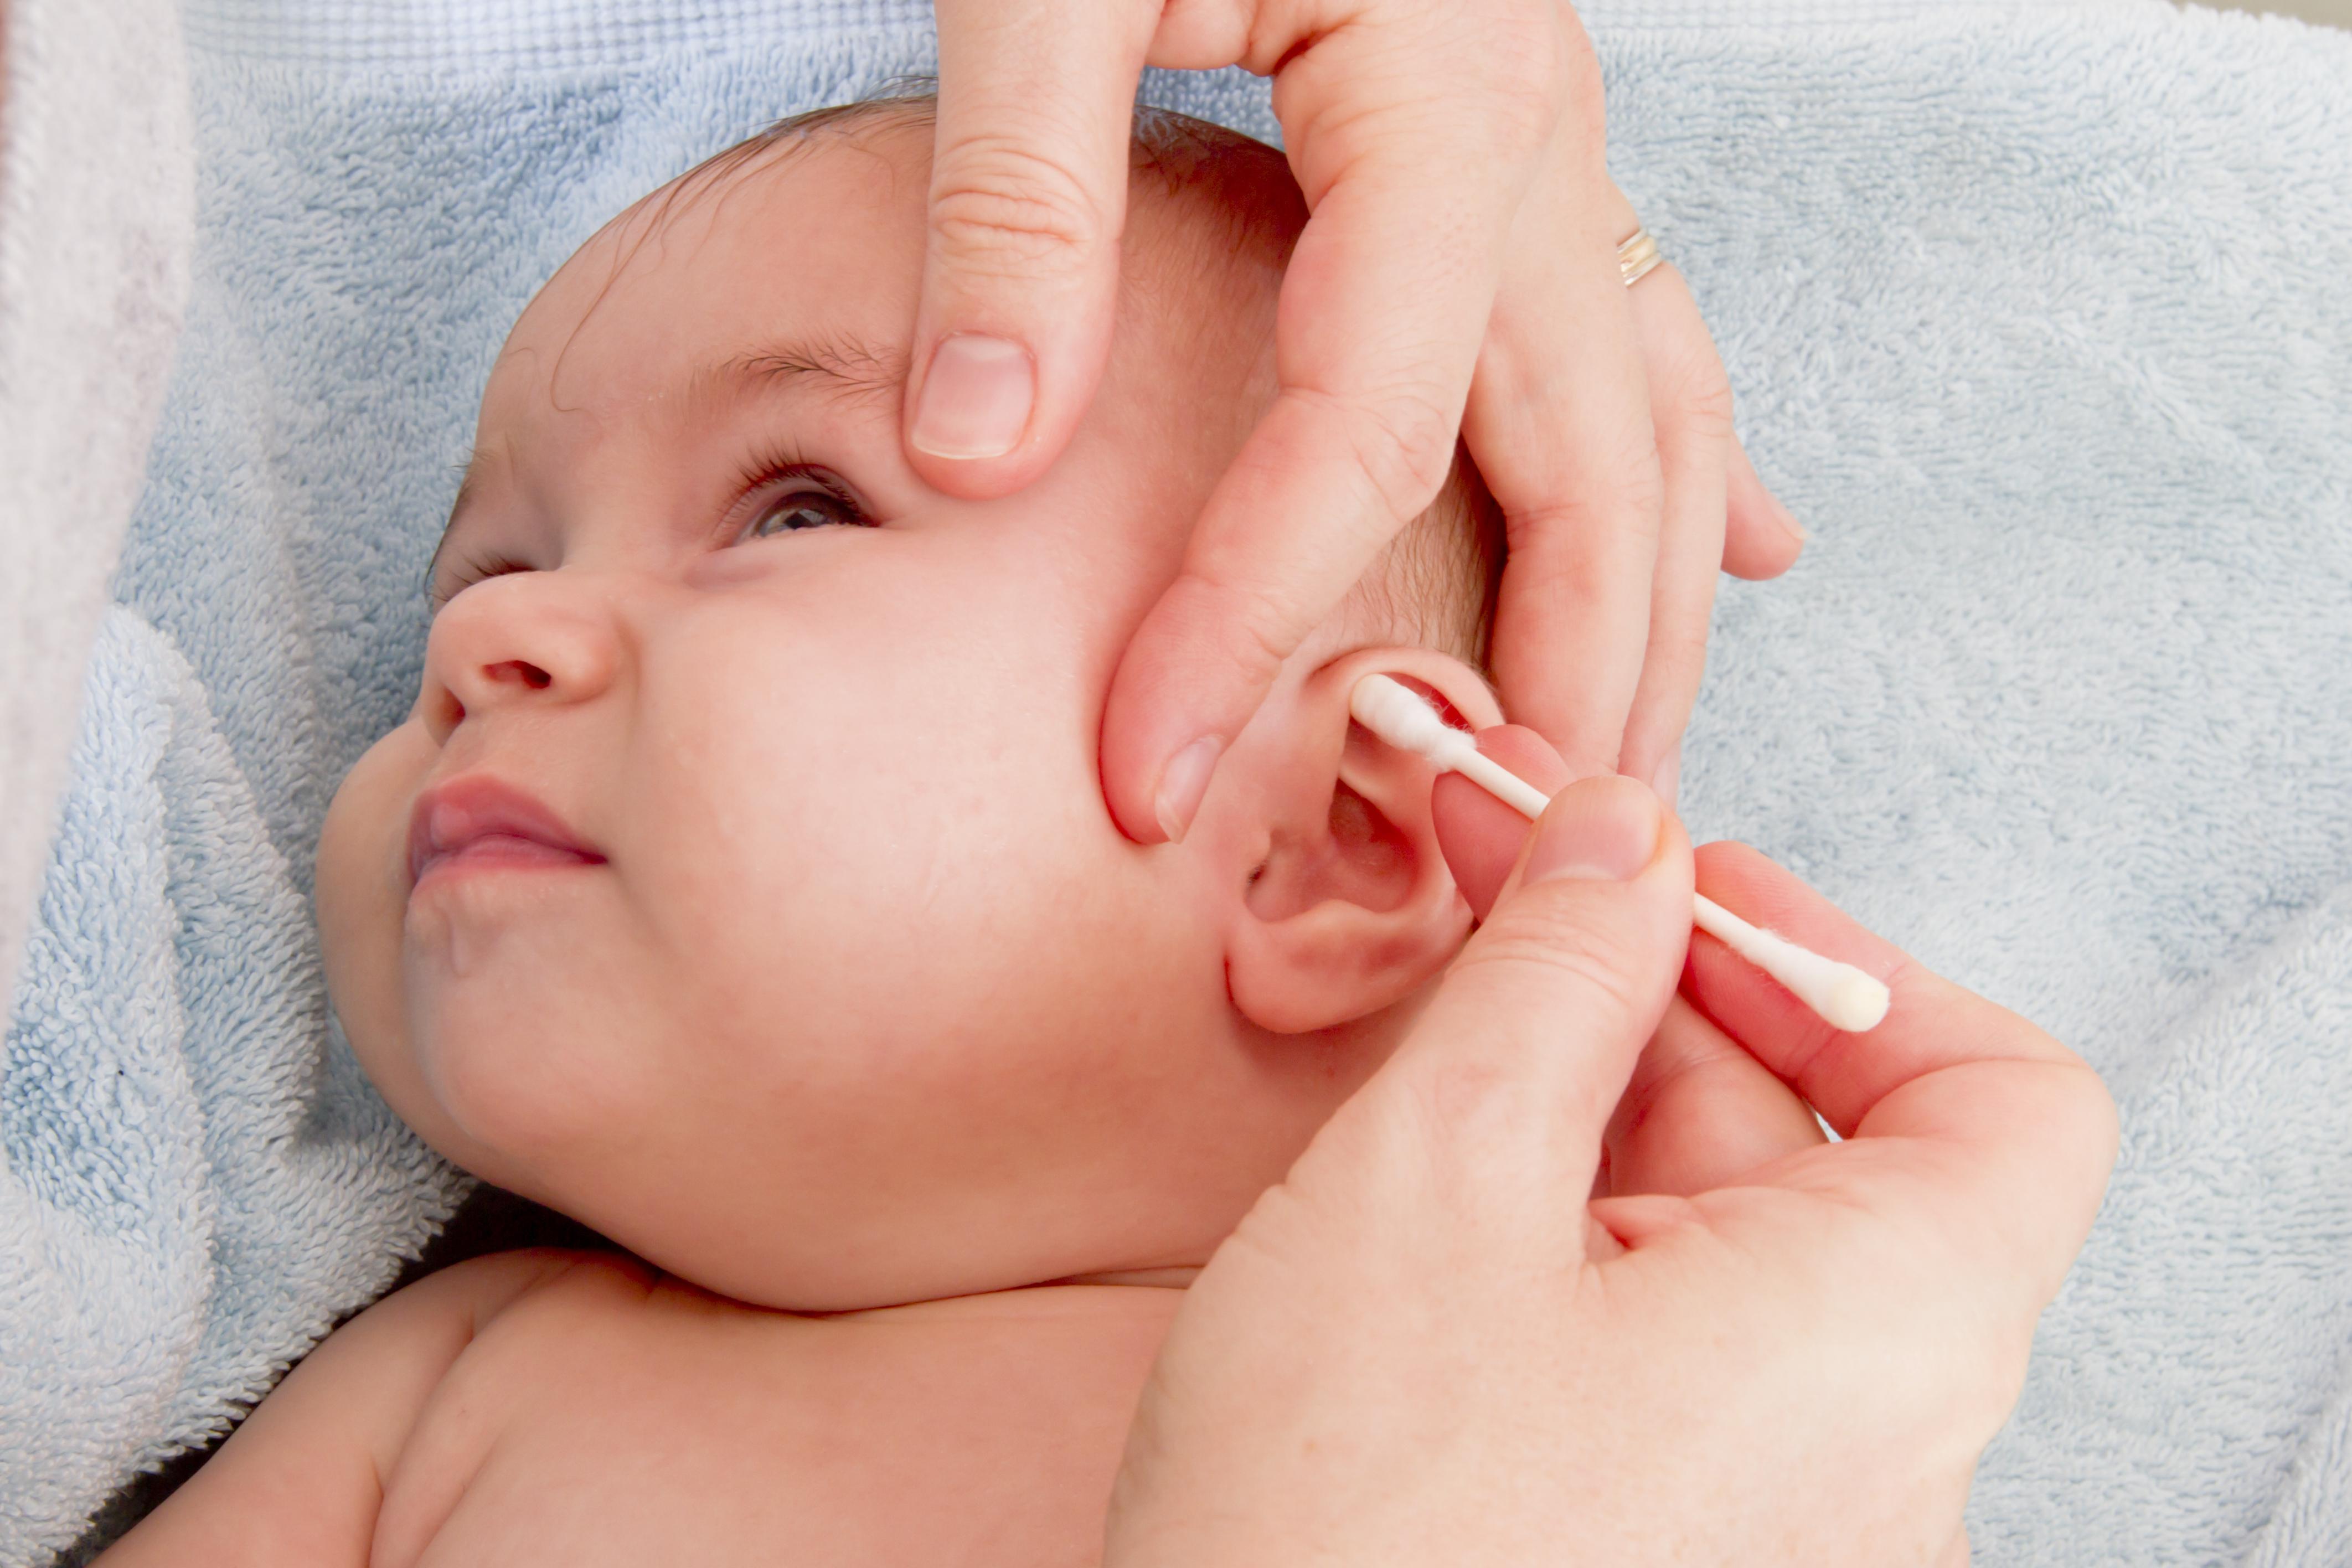 Om man tar bort för mycket öronvax ökar risken för inflammationer.